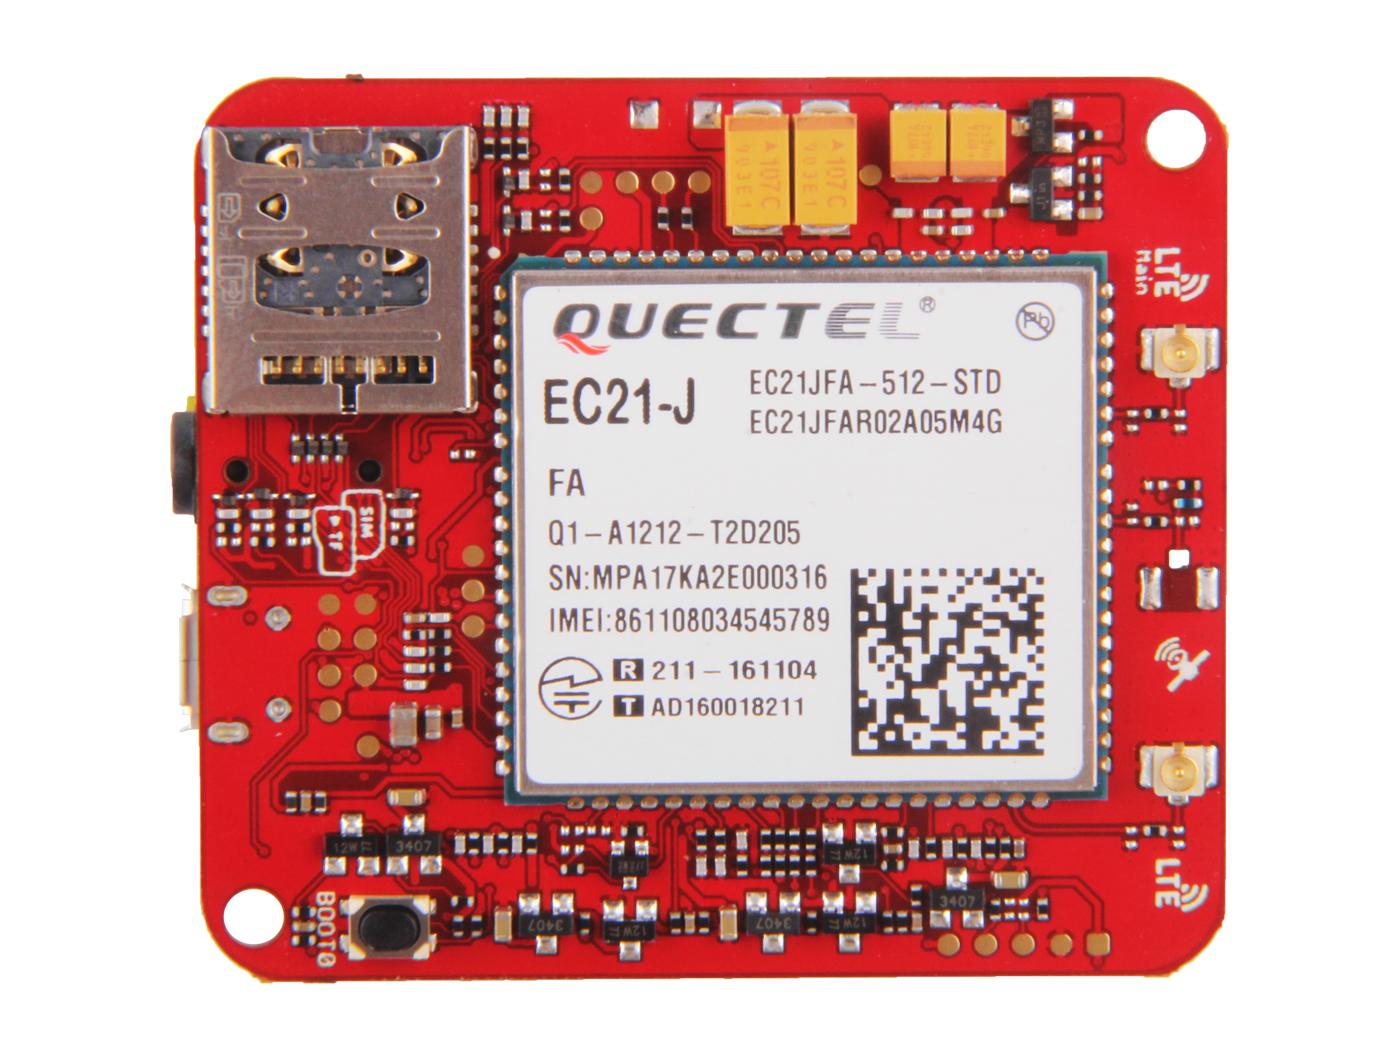 Wio LTE JP Version v1.3- 4G, Cat.1, Espruino Compatible